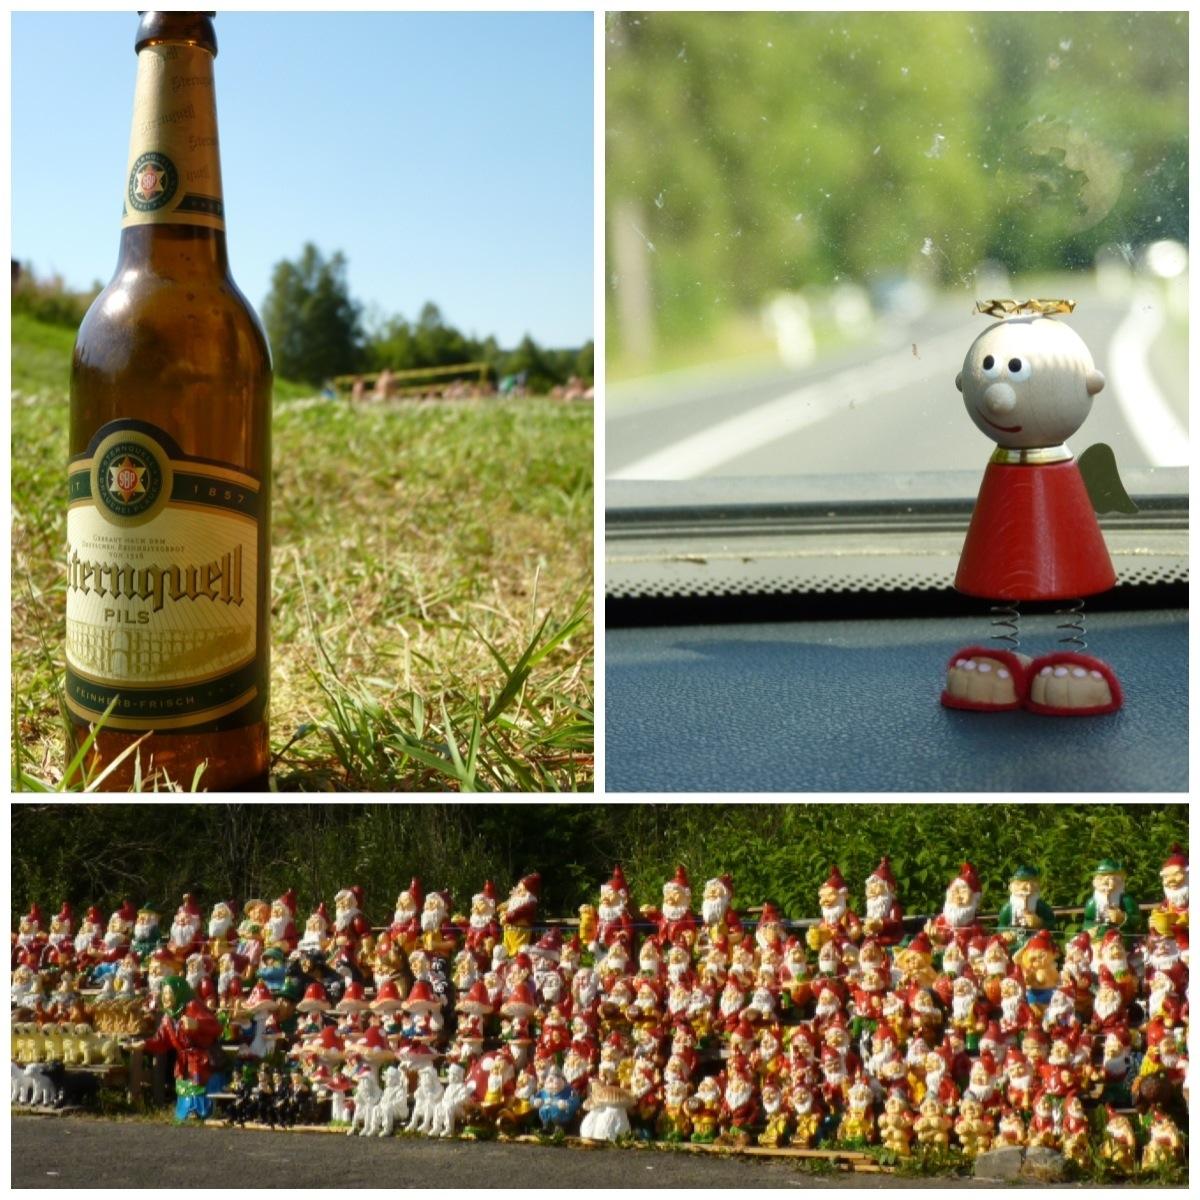 Autofahrt, Gartenzwergarmee, Bier im Gras